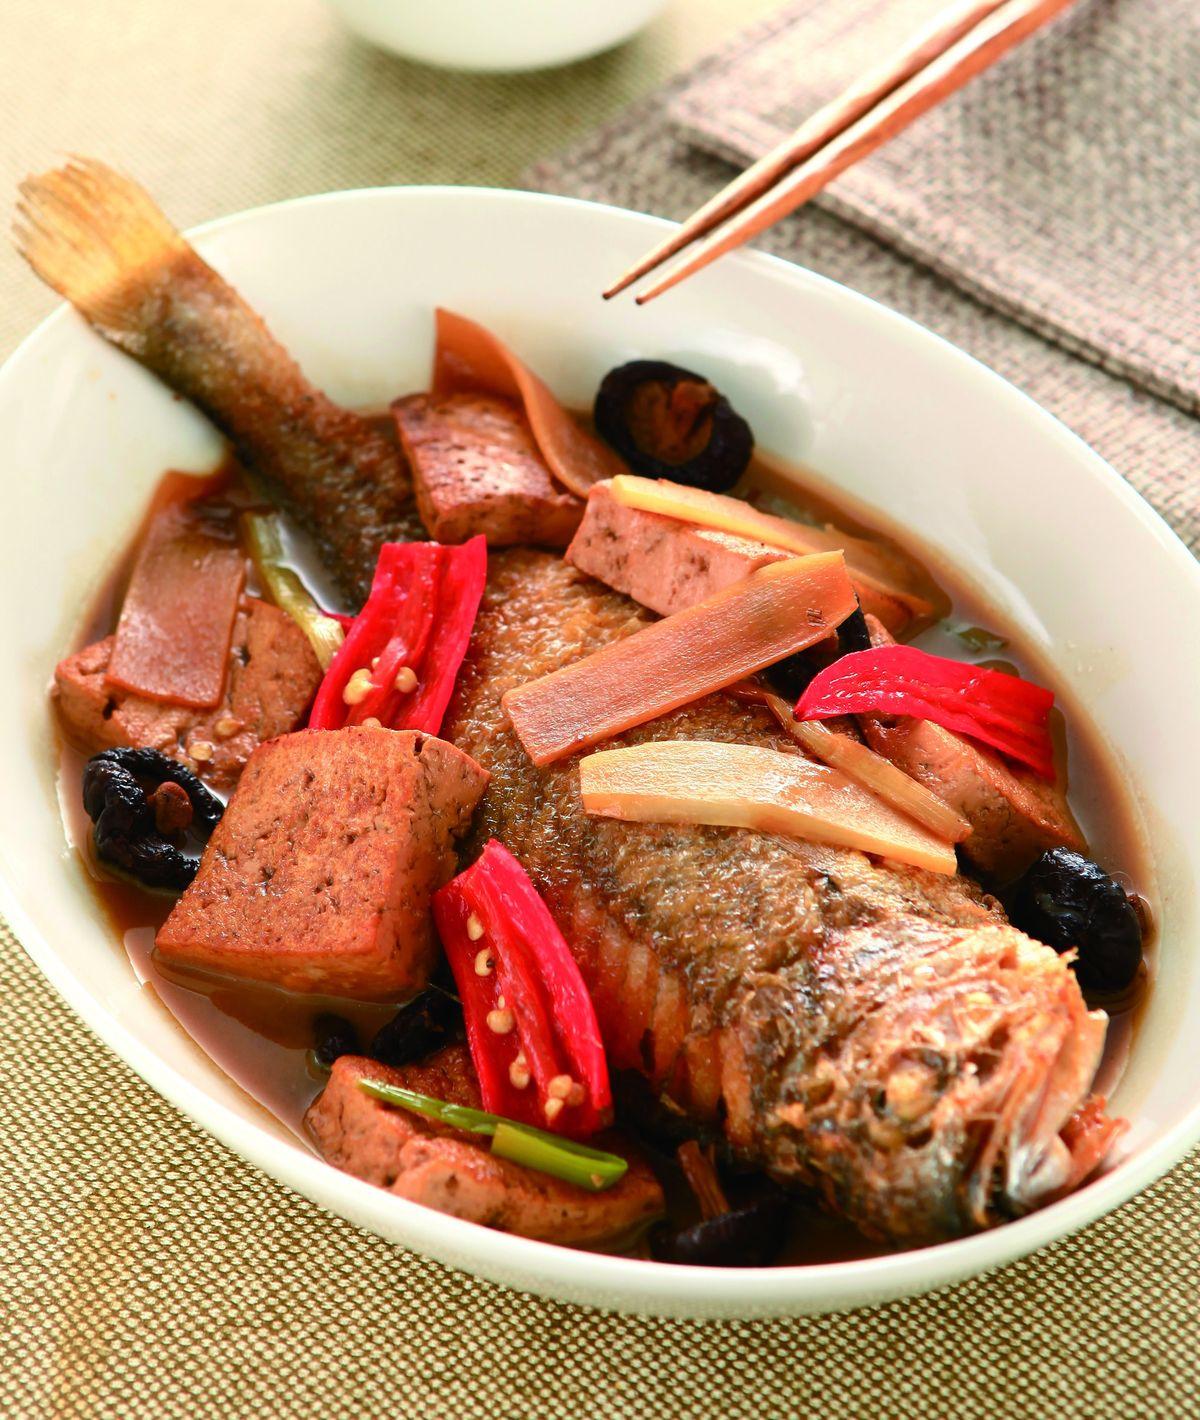 食譜:豆腐燒黃魚